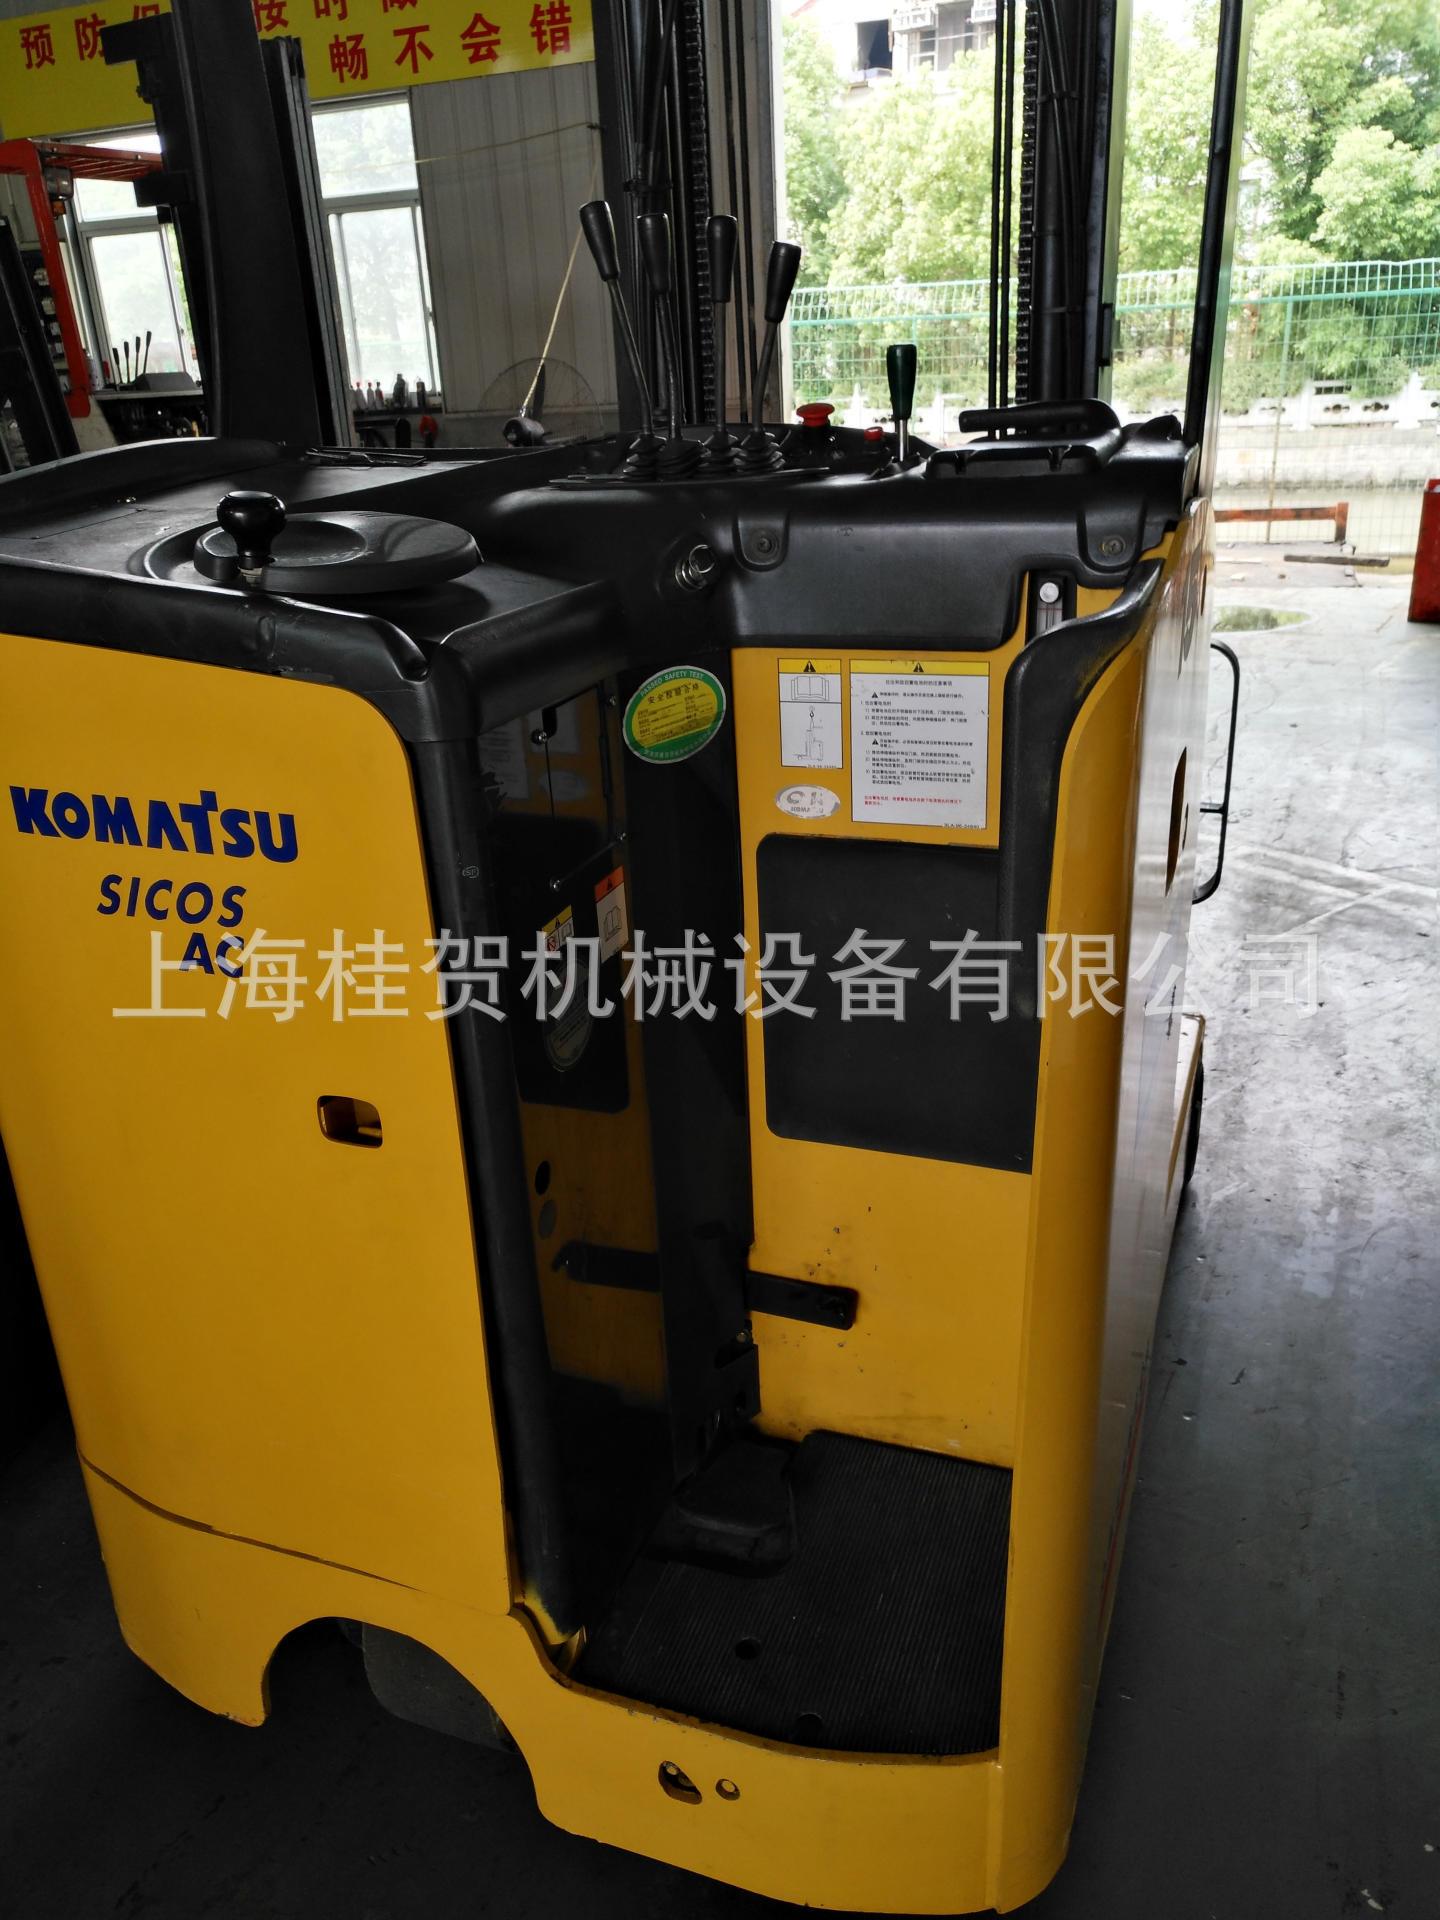 供应二手电瓶叉车 电力叉车 电动托盘搬运车 聚氨酯